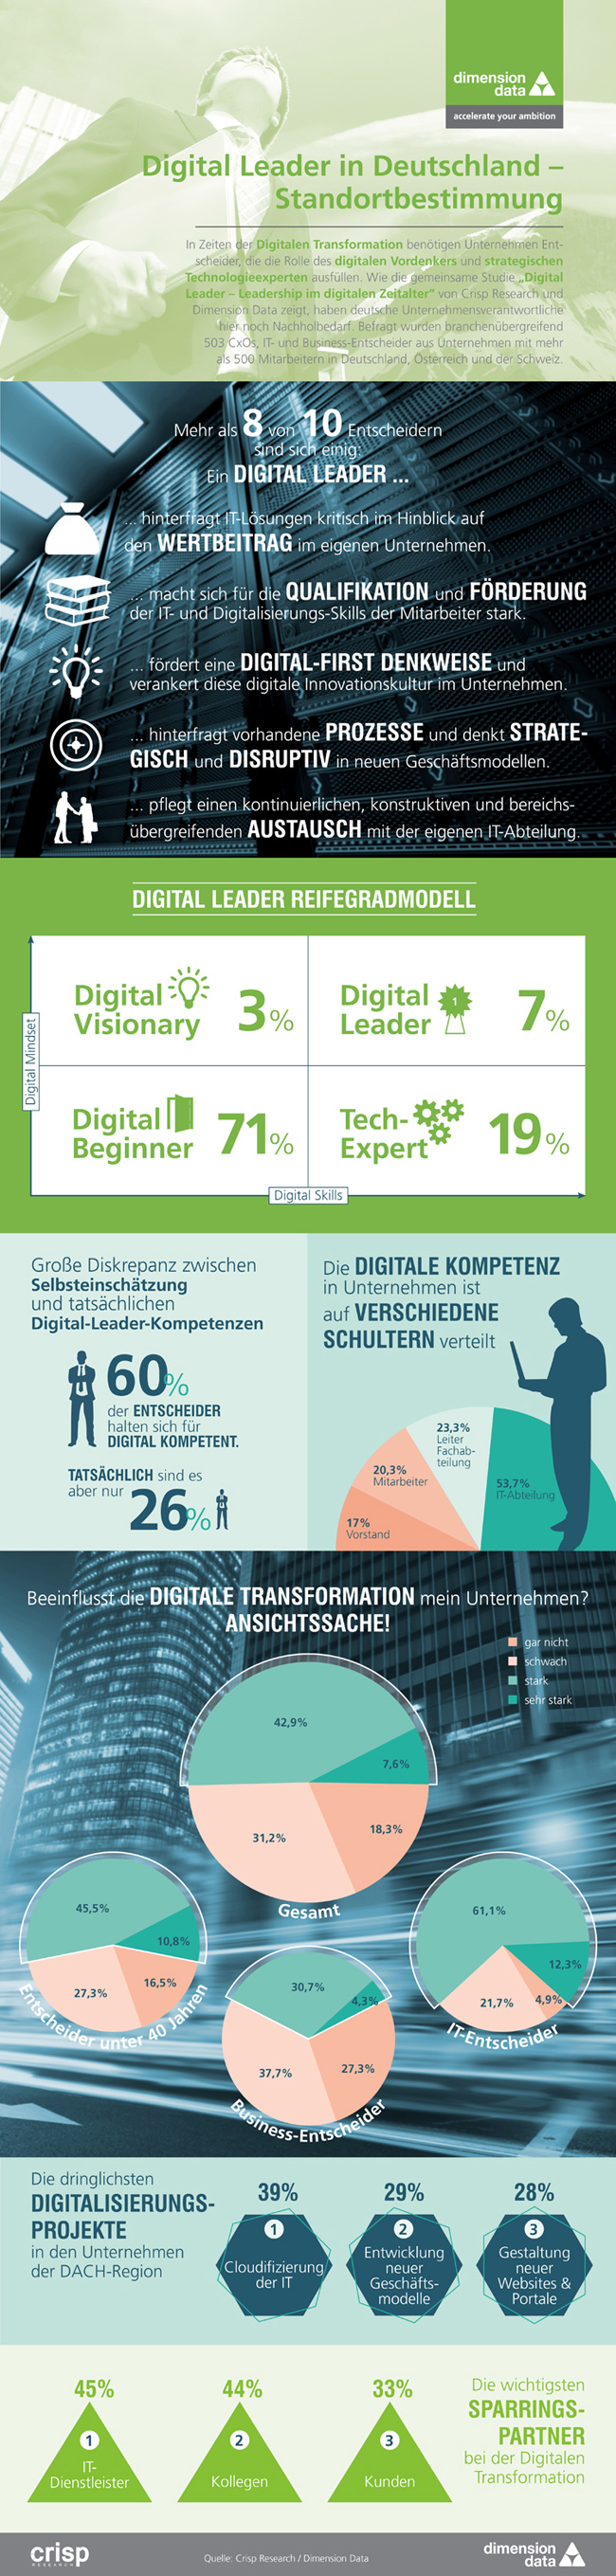 Infografik zur digitalen Führungskompetenz in Deutschland